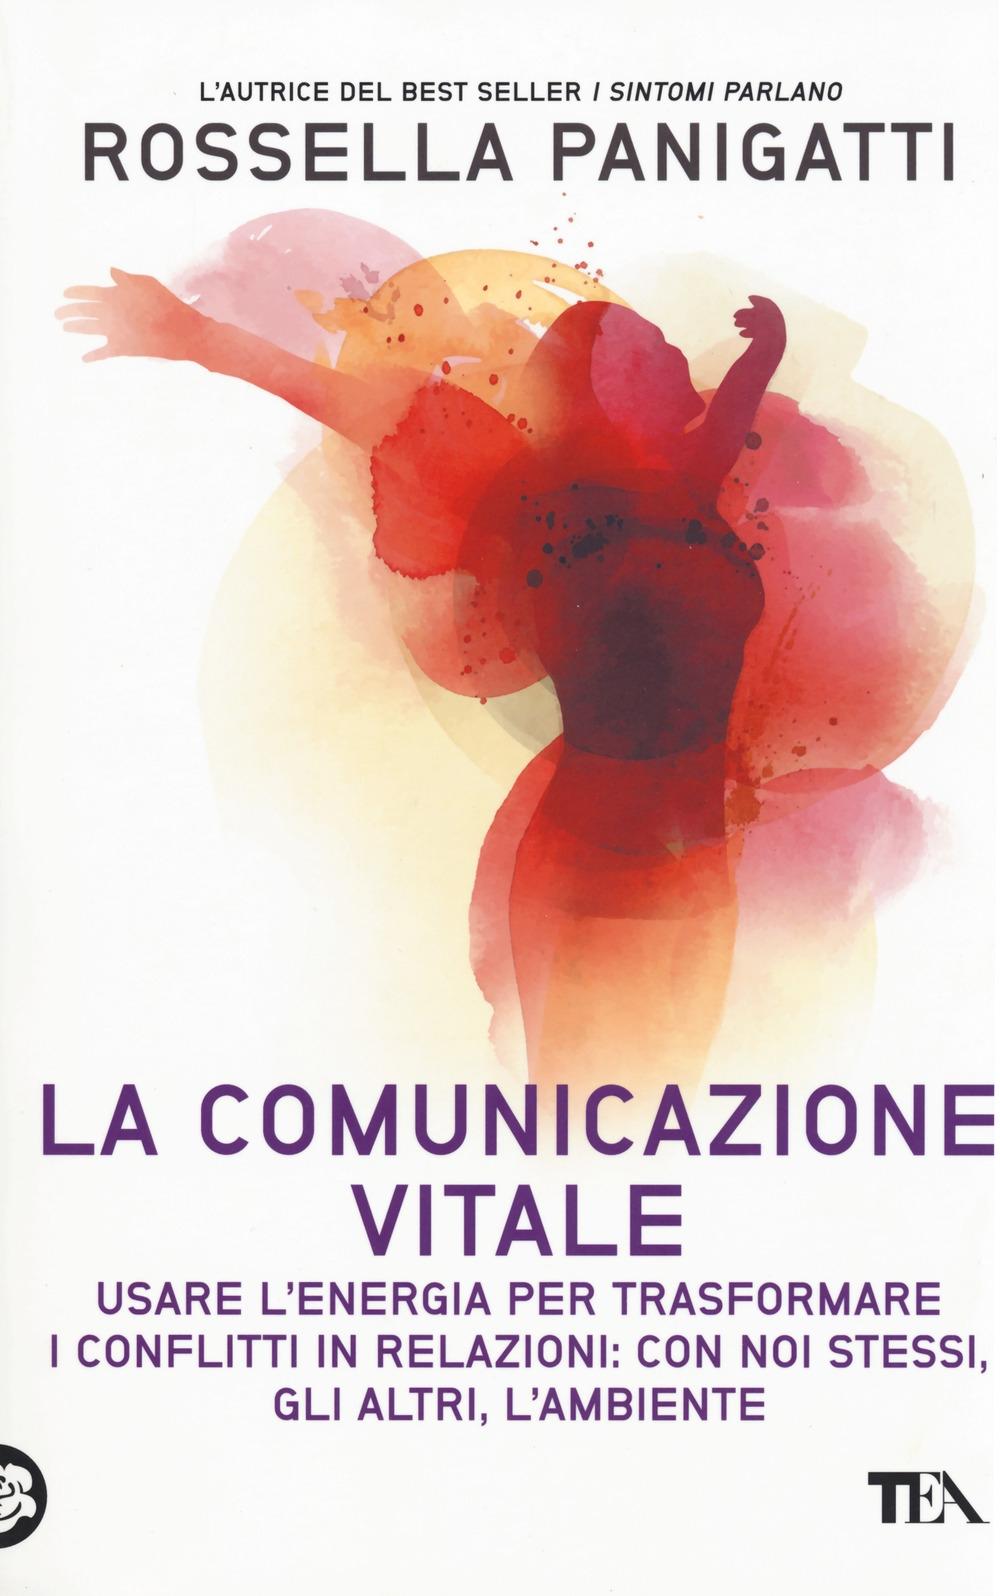 La comunicazione vitale. Usare l'energia per trasformare i conflitti in relazioni: con noi stessi, gli altri e l'ambiente